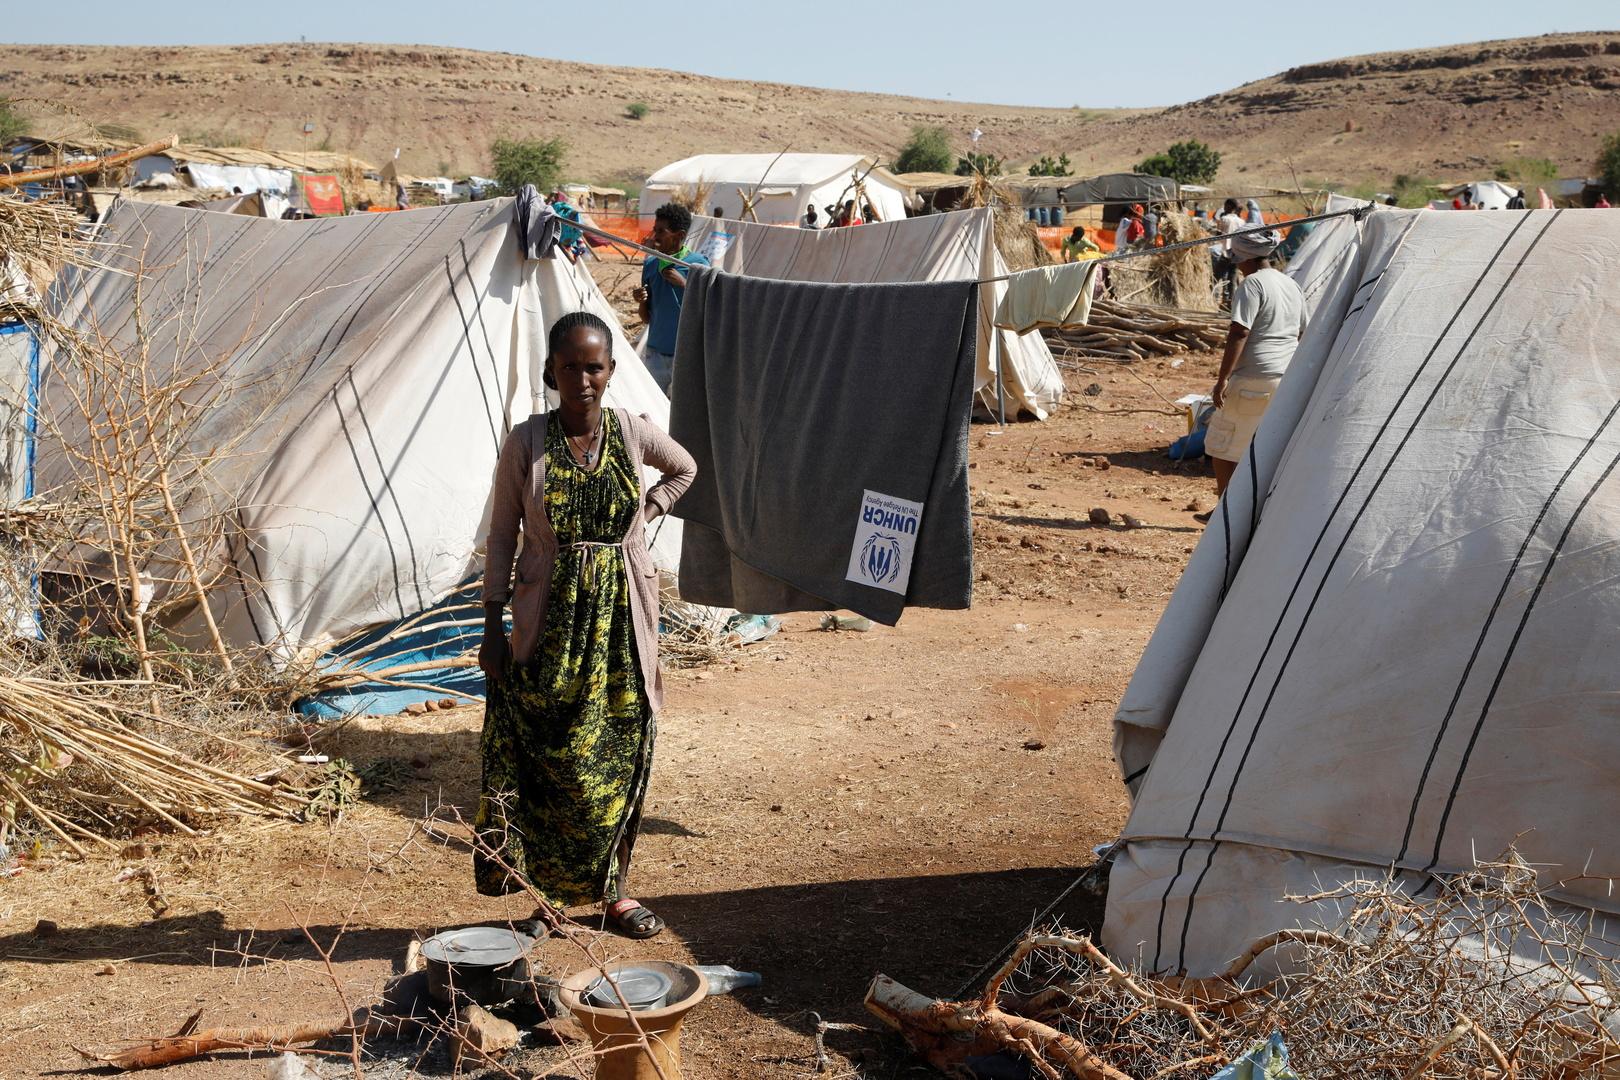 السودان.. استمرار تدفق اللاجئين من إثيوبيا